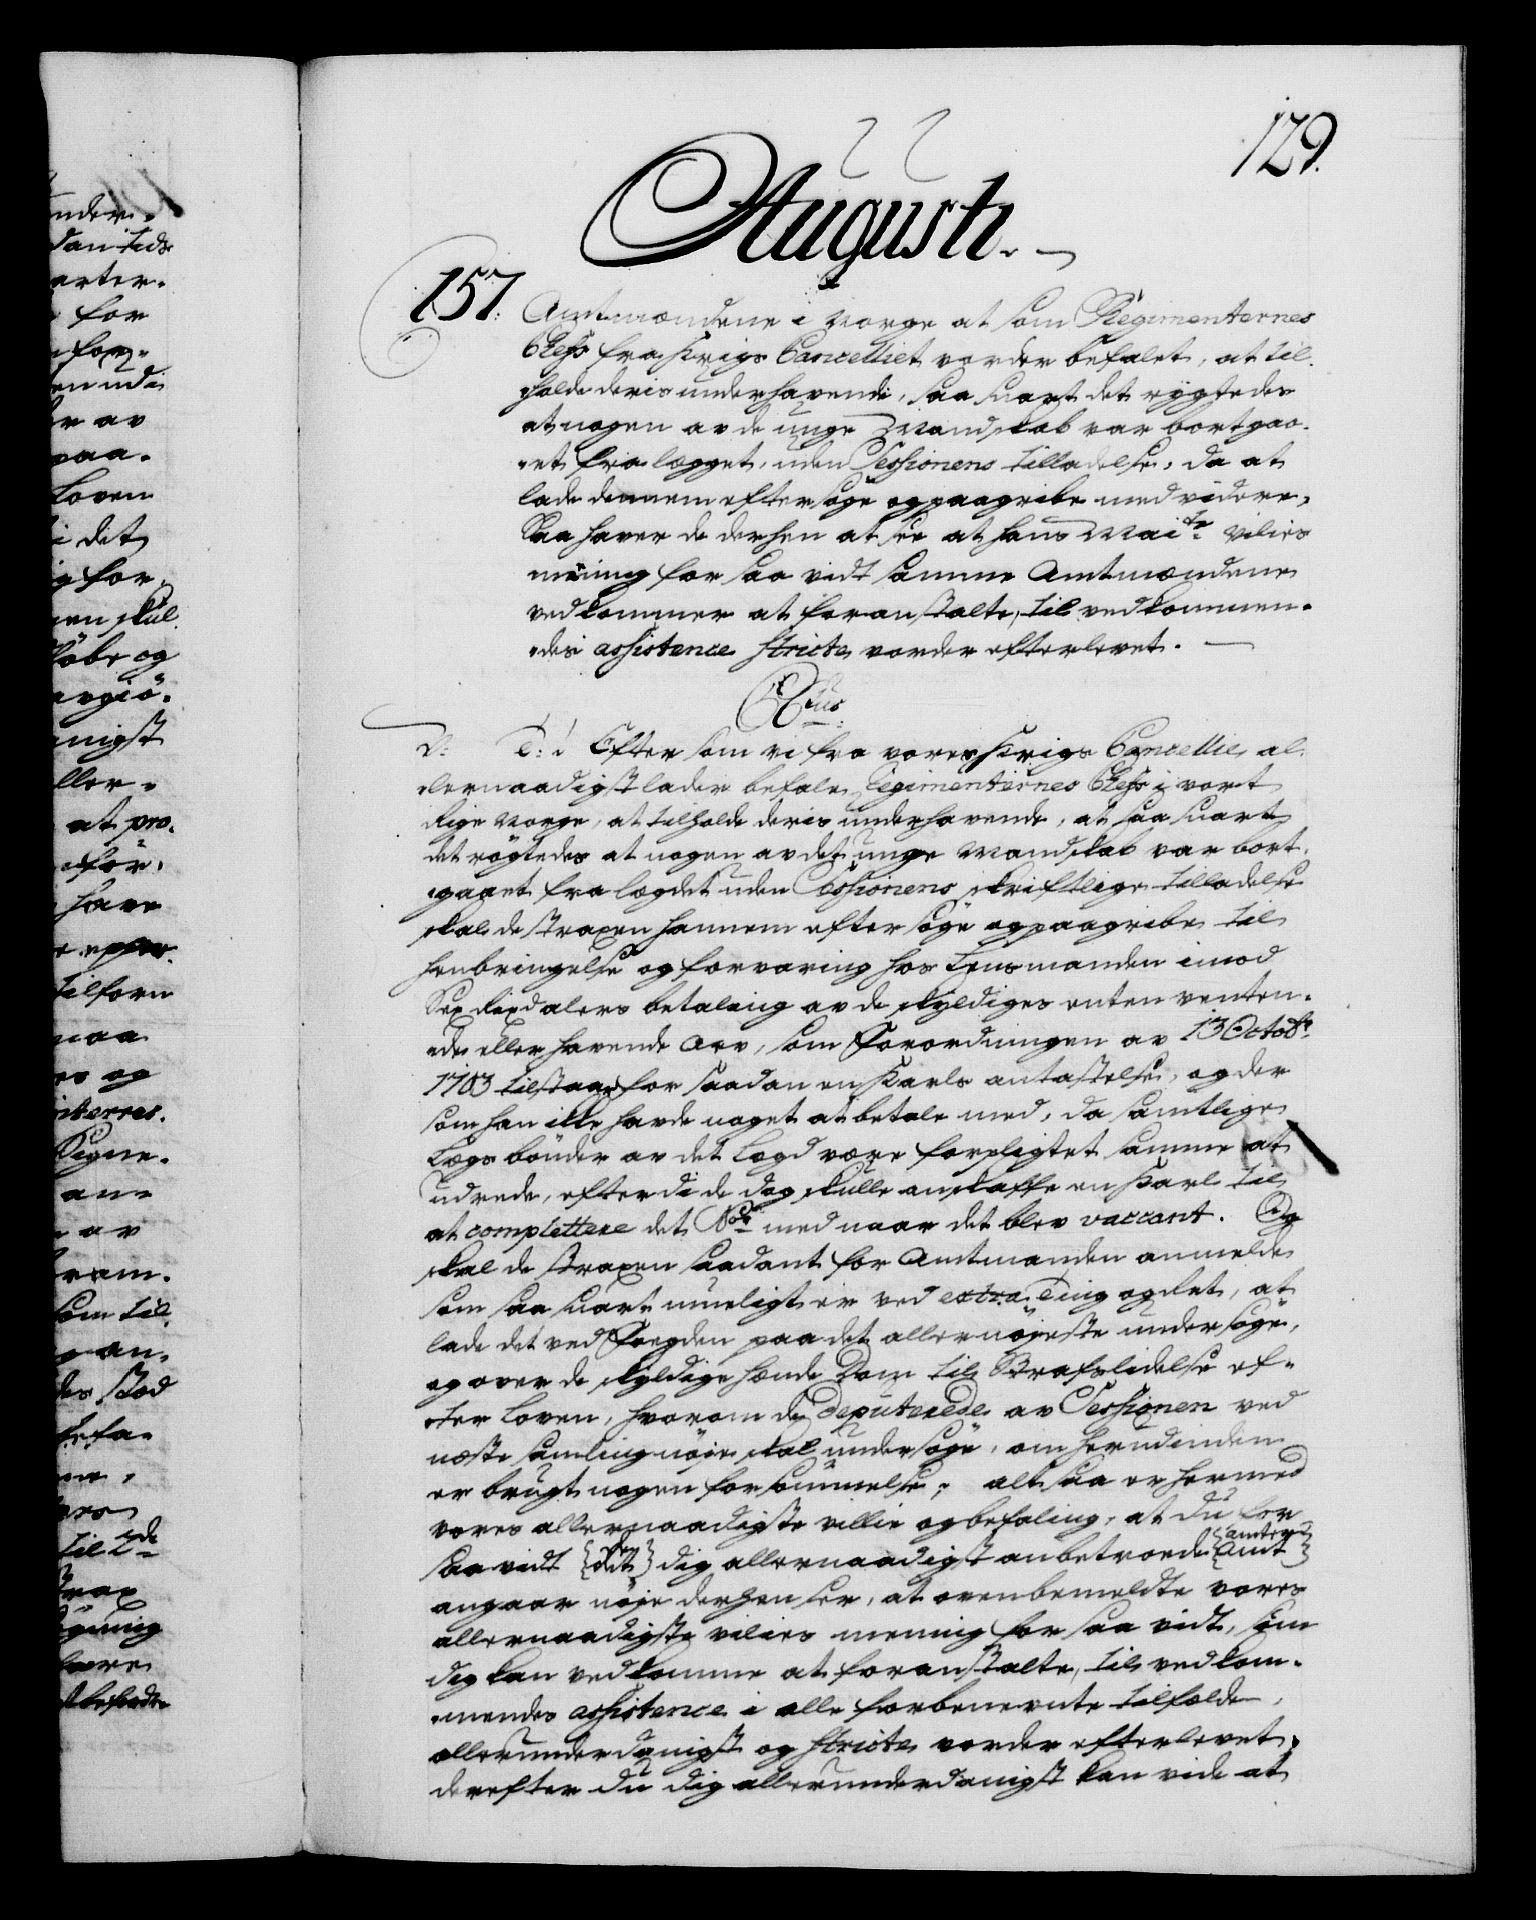 RA, Danske Kanselli 1572-1799, F/Fc/Fca/Fcab/L0028: Norske tegnelser, 1738-1740, s. 129a